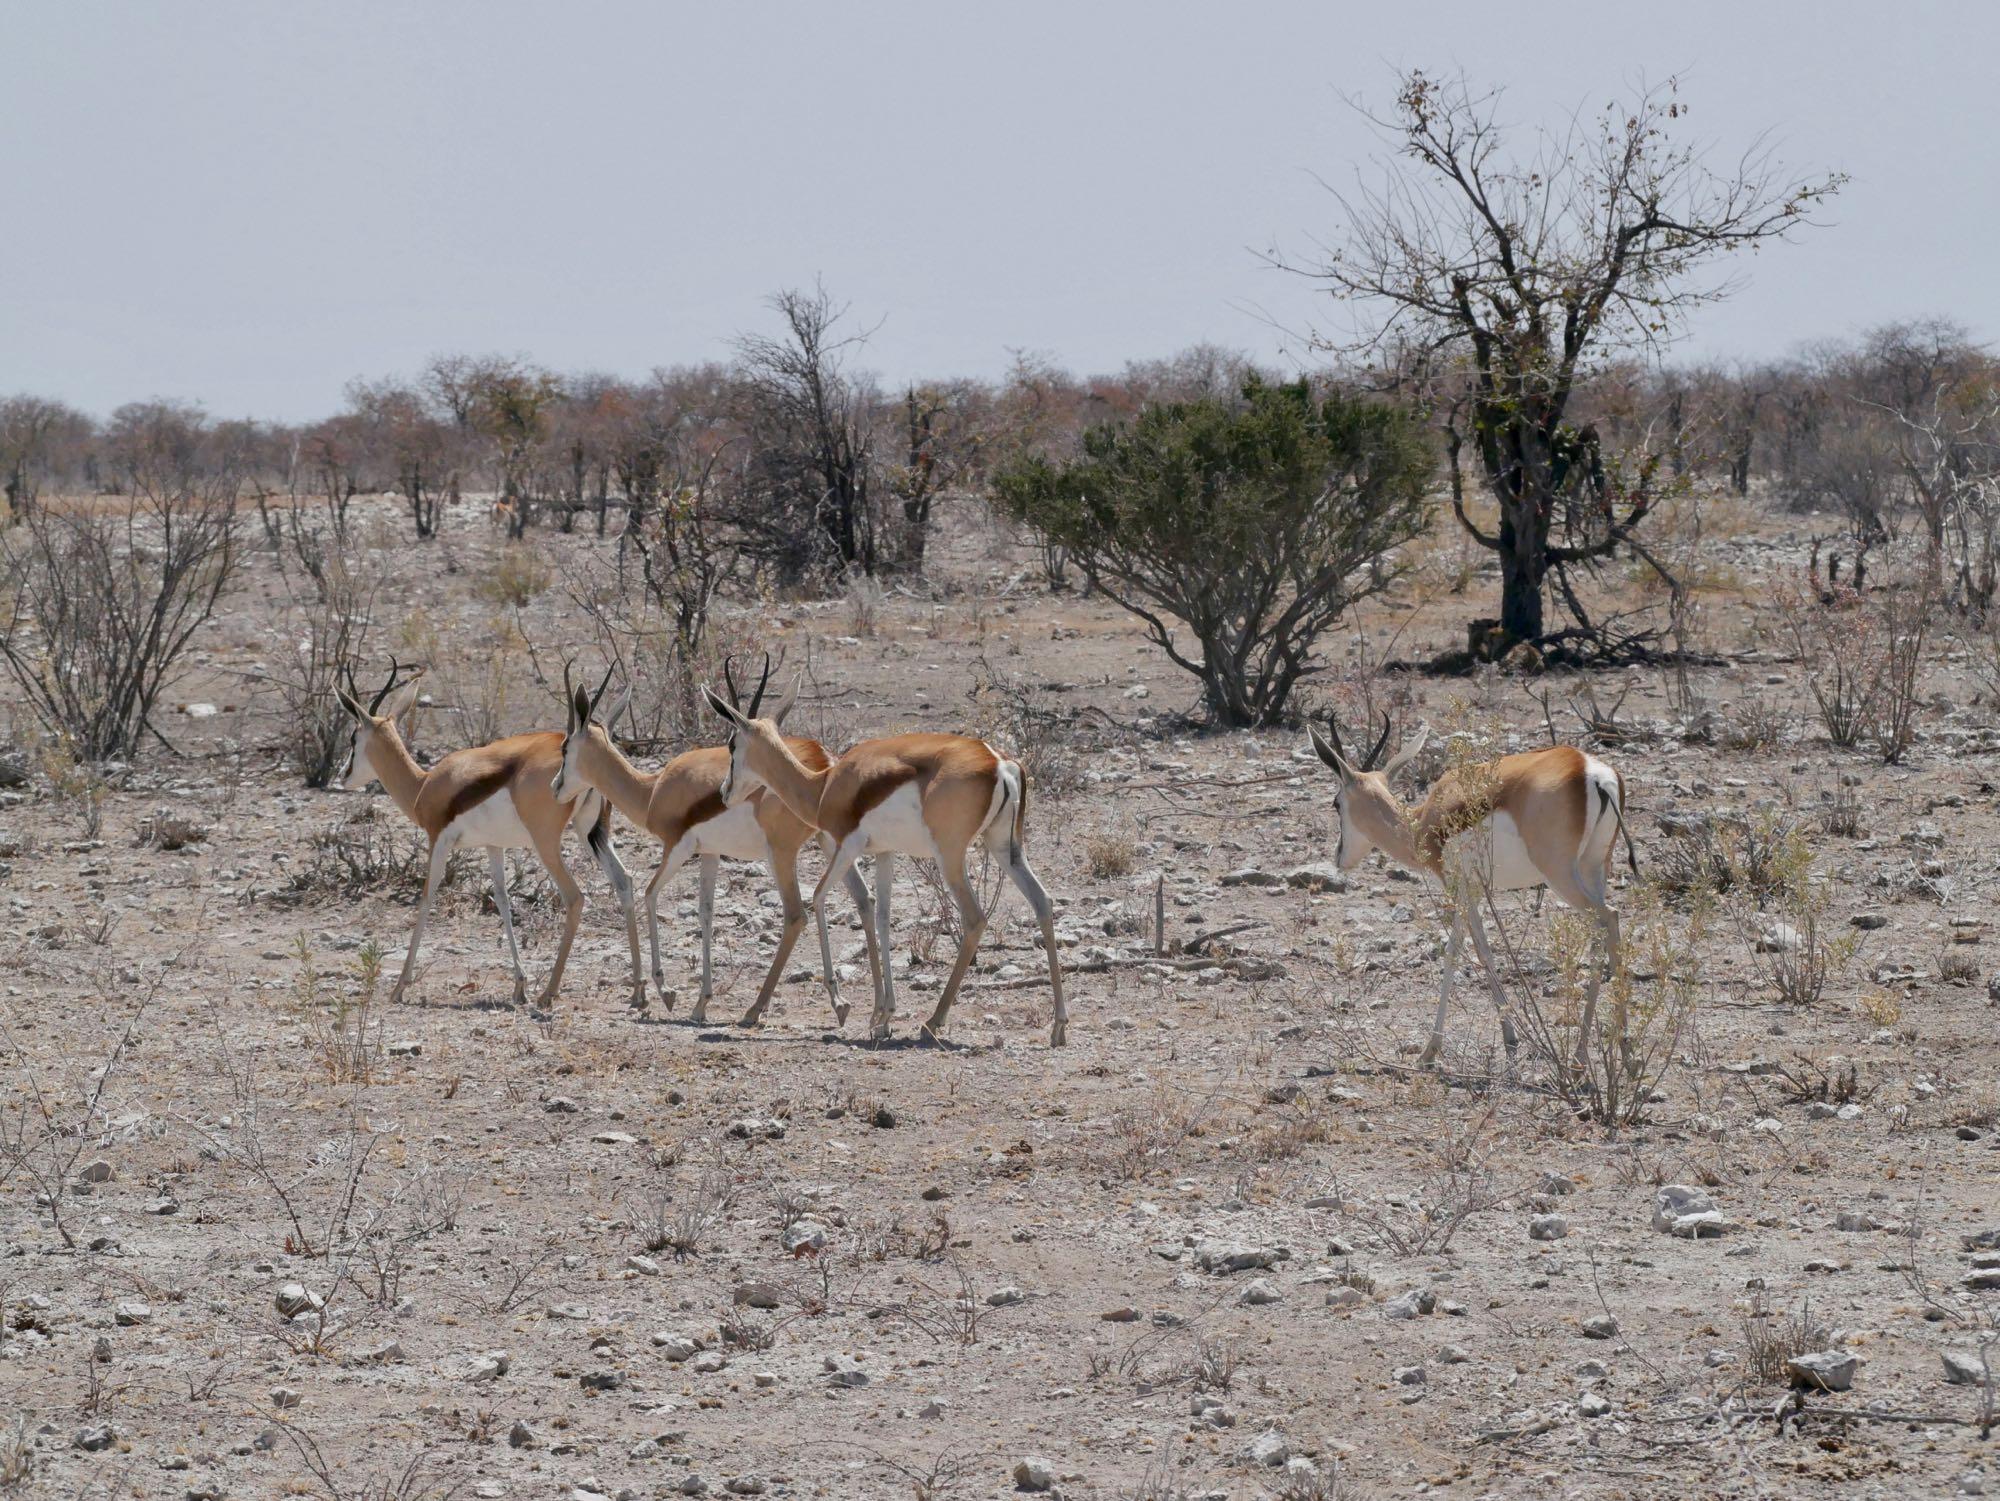 Des springboks passent devant trois guépards